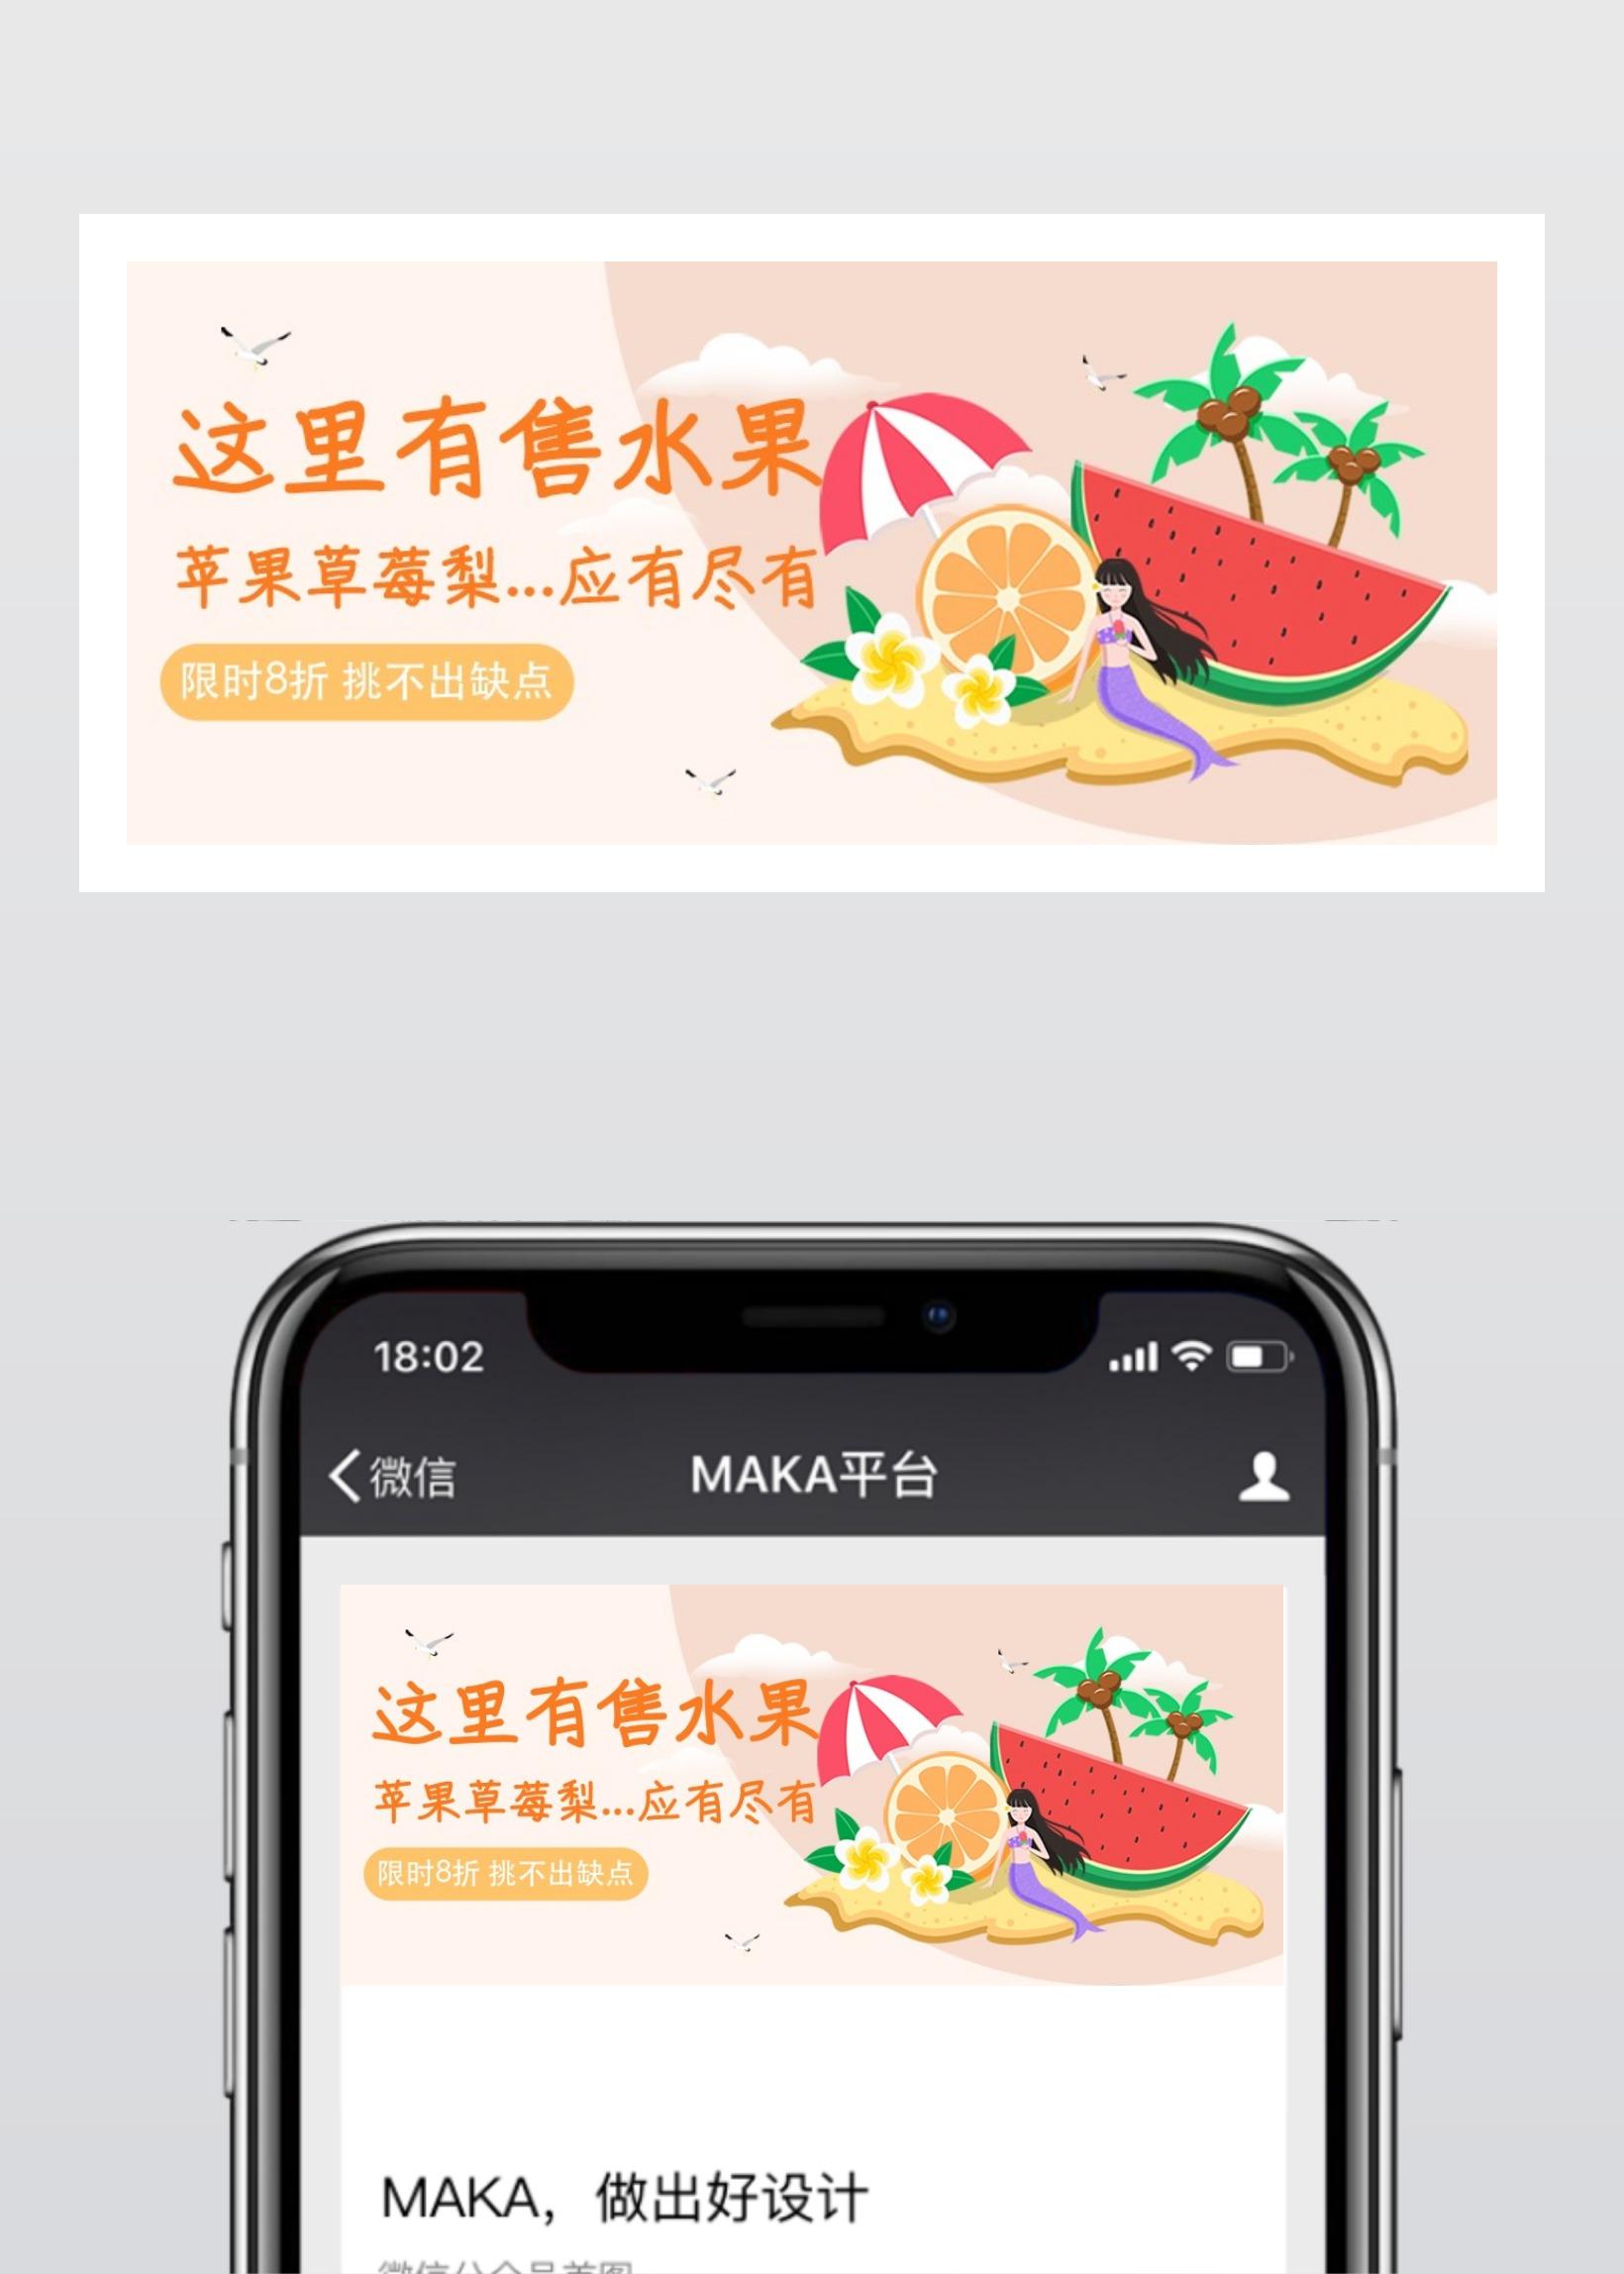 橙色清新插画设计风格夏季水果、果汁促销活动宣传微信公众号大图